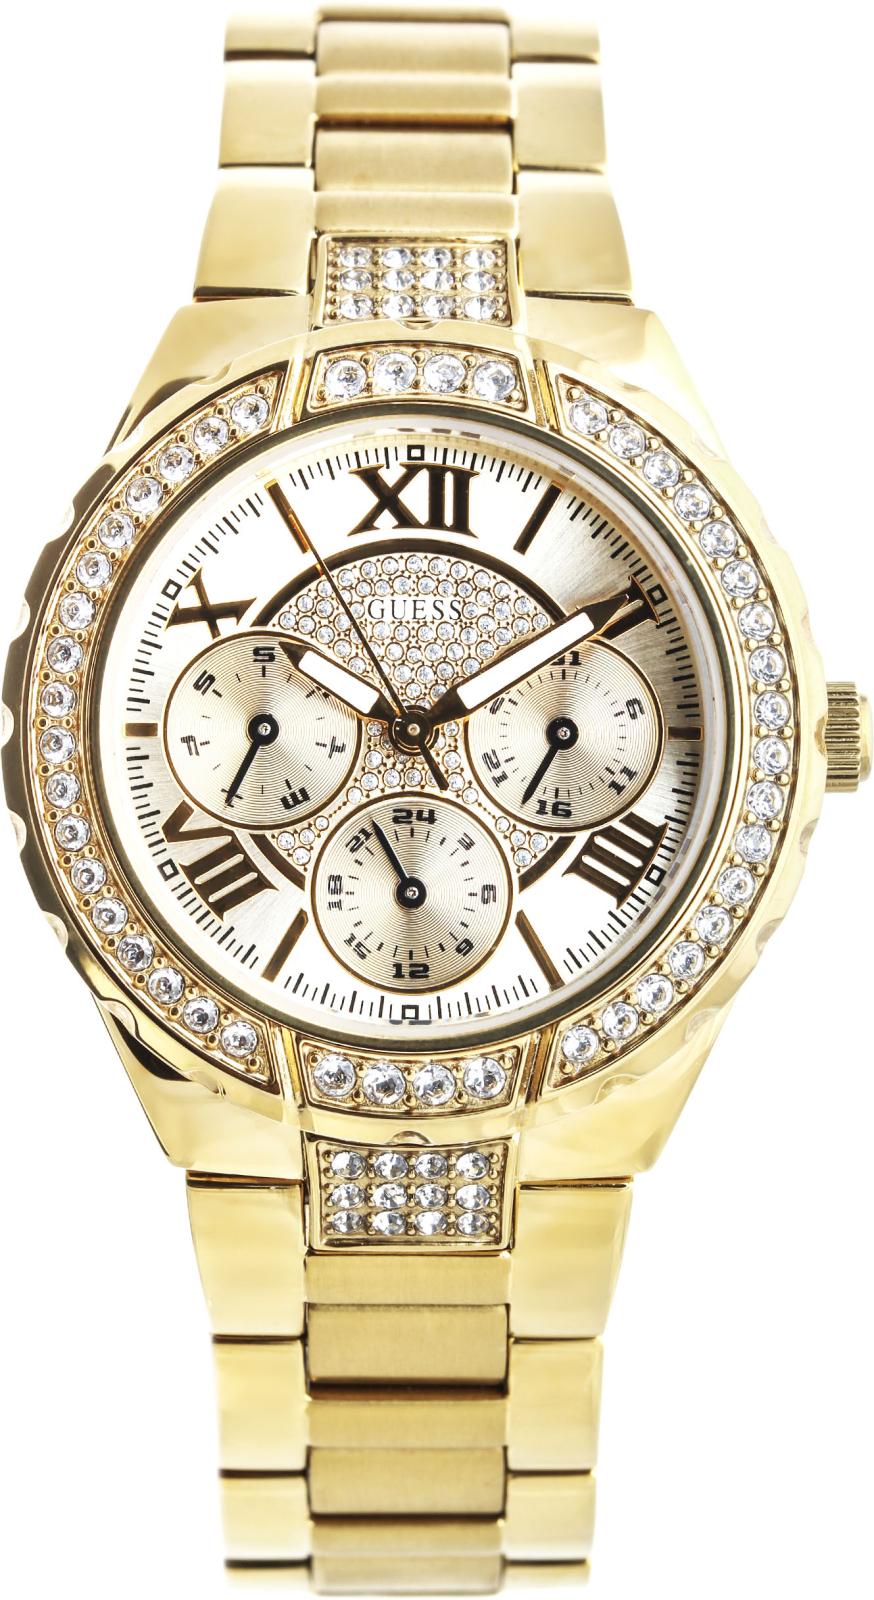 Guess W0111L2Наручные часы<br>Американскиечасы Guess W0111L2Это настоящие женские часы. Материал корпуса часов — сталь+золото. В этих часах используется минеральное стекло. Водозащита - 50 м. Основной цвет циферблата золотистый. Циферблат часов содержит часы, минуты, секунды. В этой модели используются такие усложнения как дата, день недели, . Диаметр корпуса данной модели 36мм.<br><br>Пол: Женские<br>Страна-производитель: США<br>Механизм: Кварцевый<br>Материал корпуса: Сталь<br>Материал ремня/браслета: Сталь<br>Водозащита, диапазон: None<br>Стекло: Минеральное<br>Толщина корпуса: 12<br>Стиль: Классика